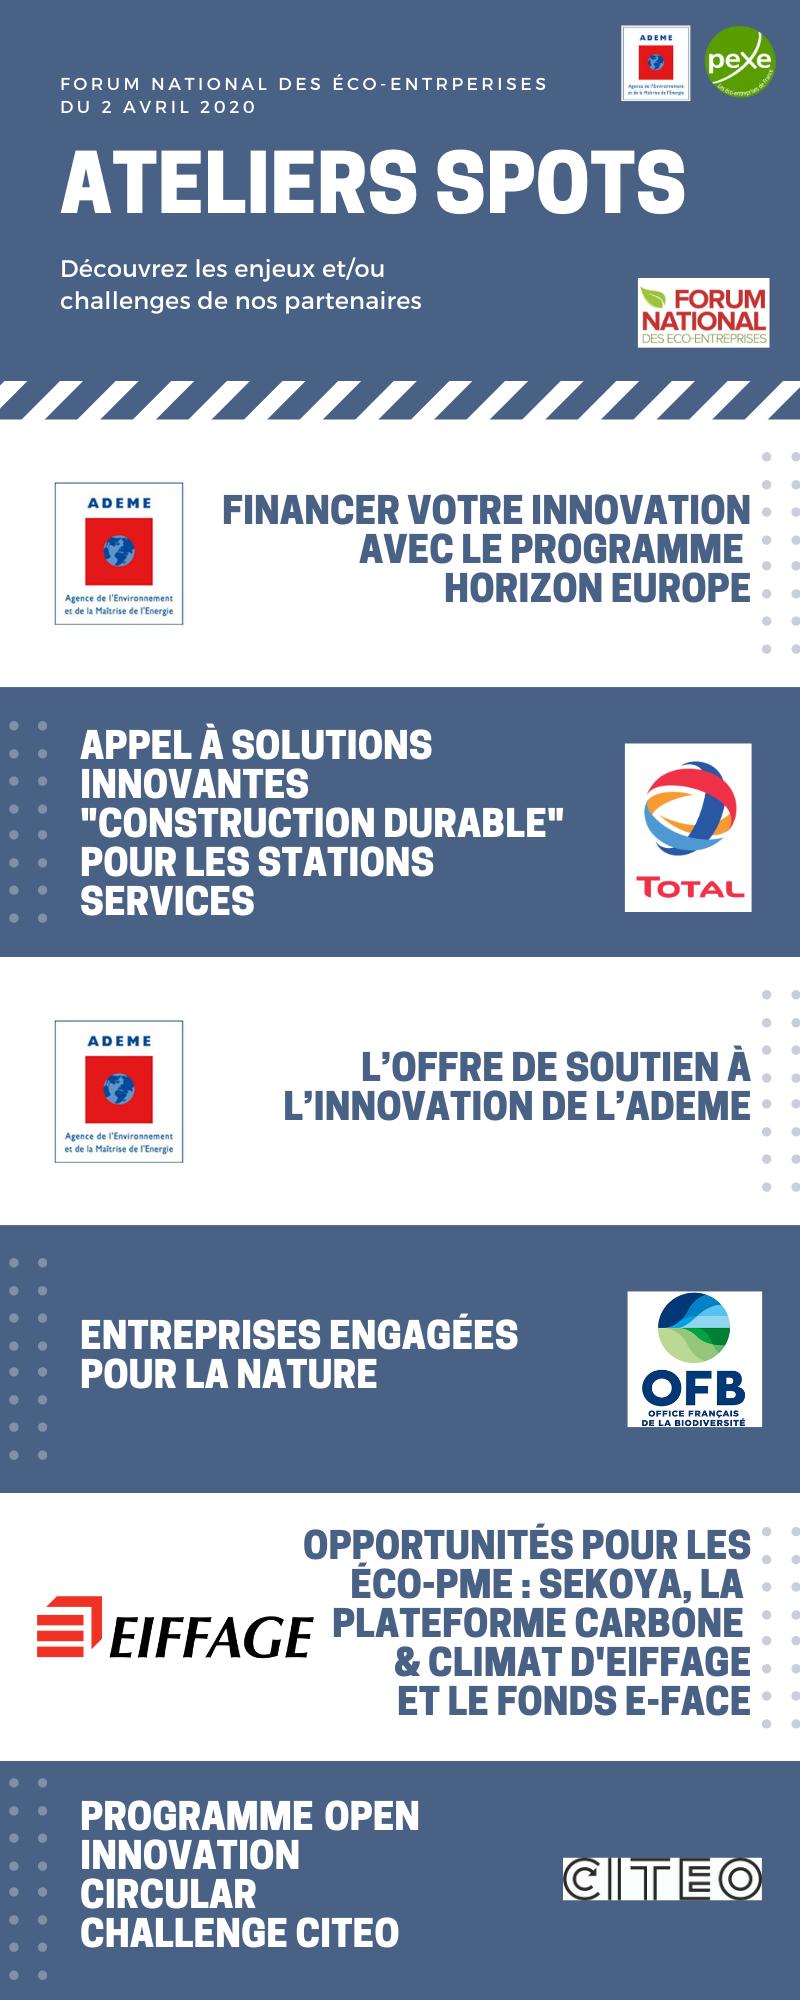 Ateliers spots du Forum national des éco-entreprrises